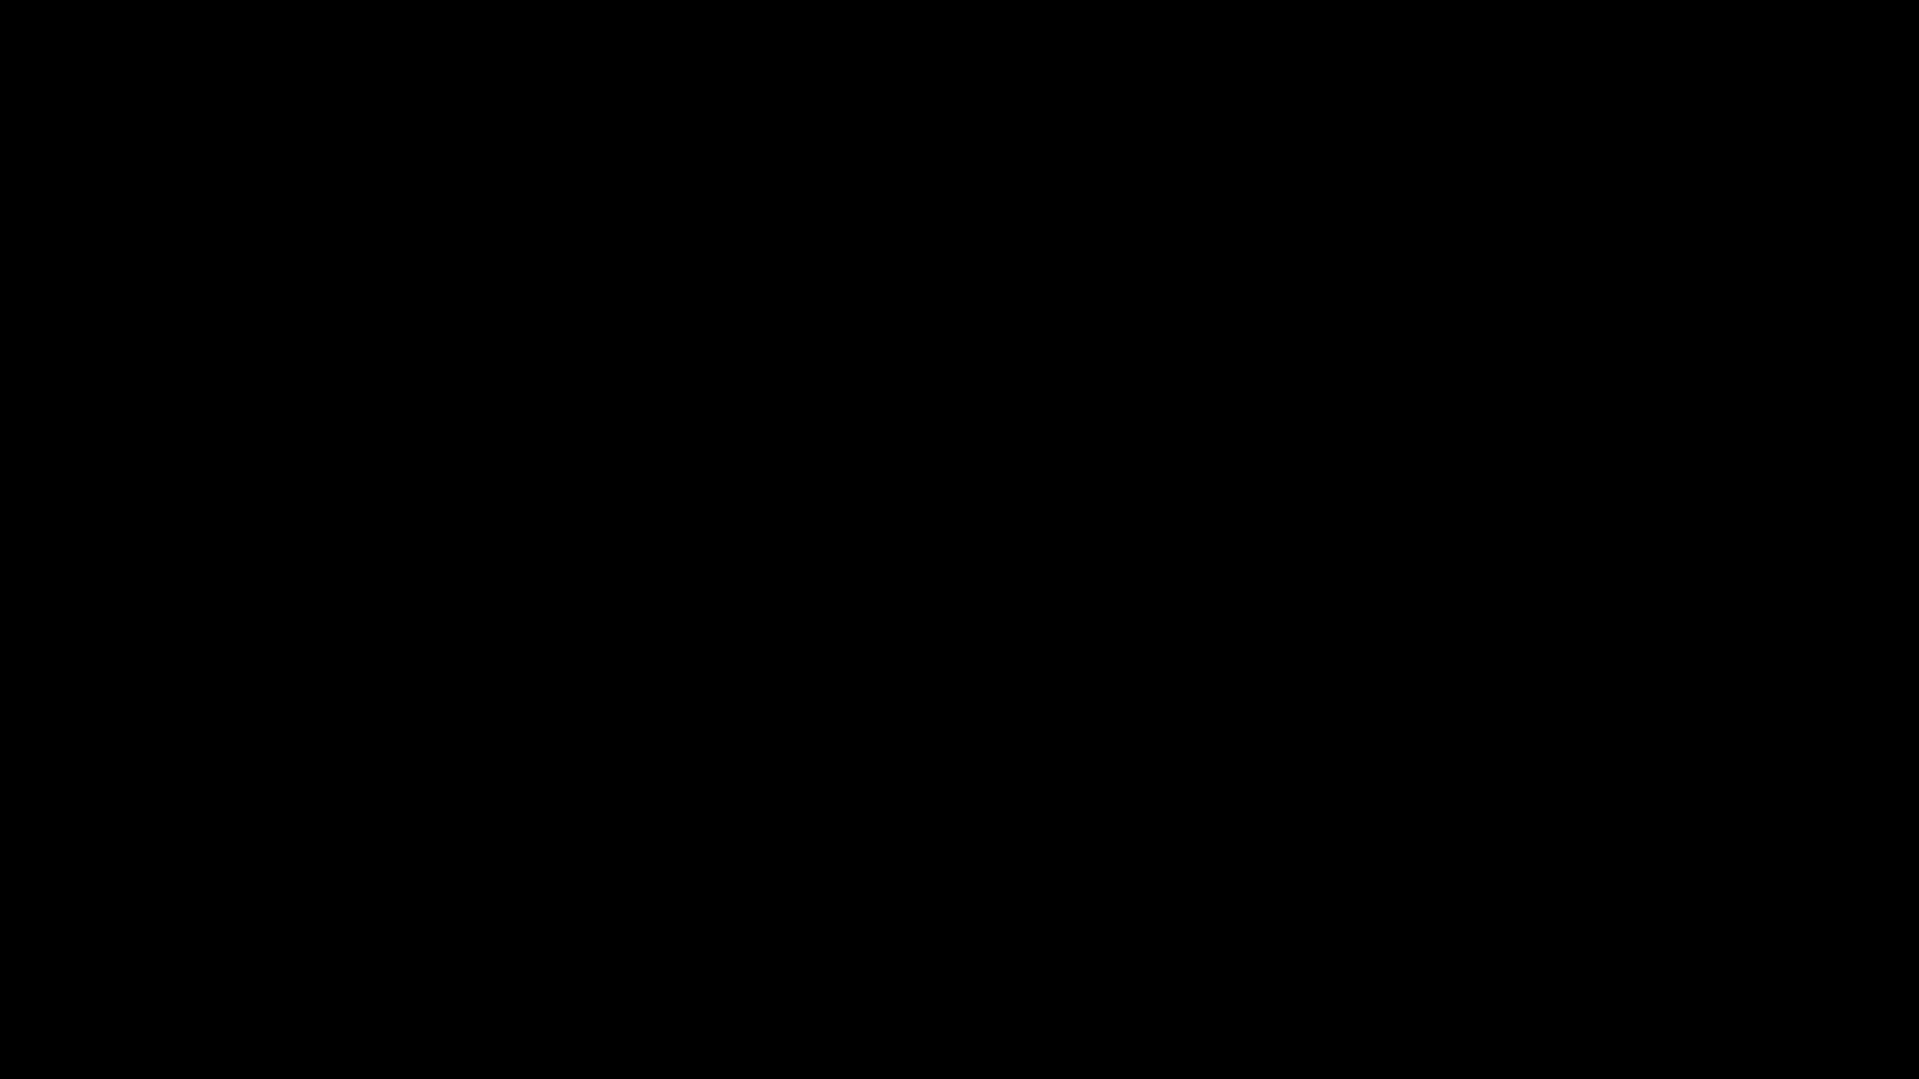 Mist Visual - Studio Animacji. Trzecia ilustracja do animacji NASK Rejestr PL